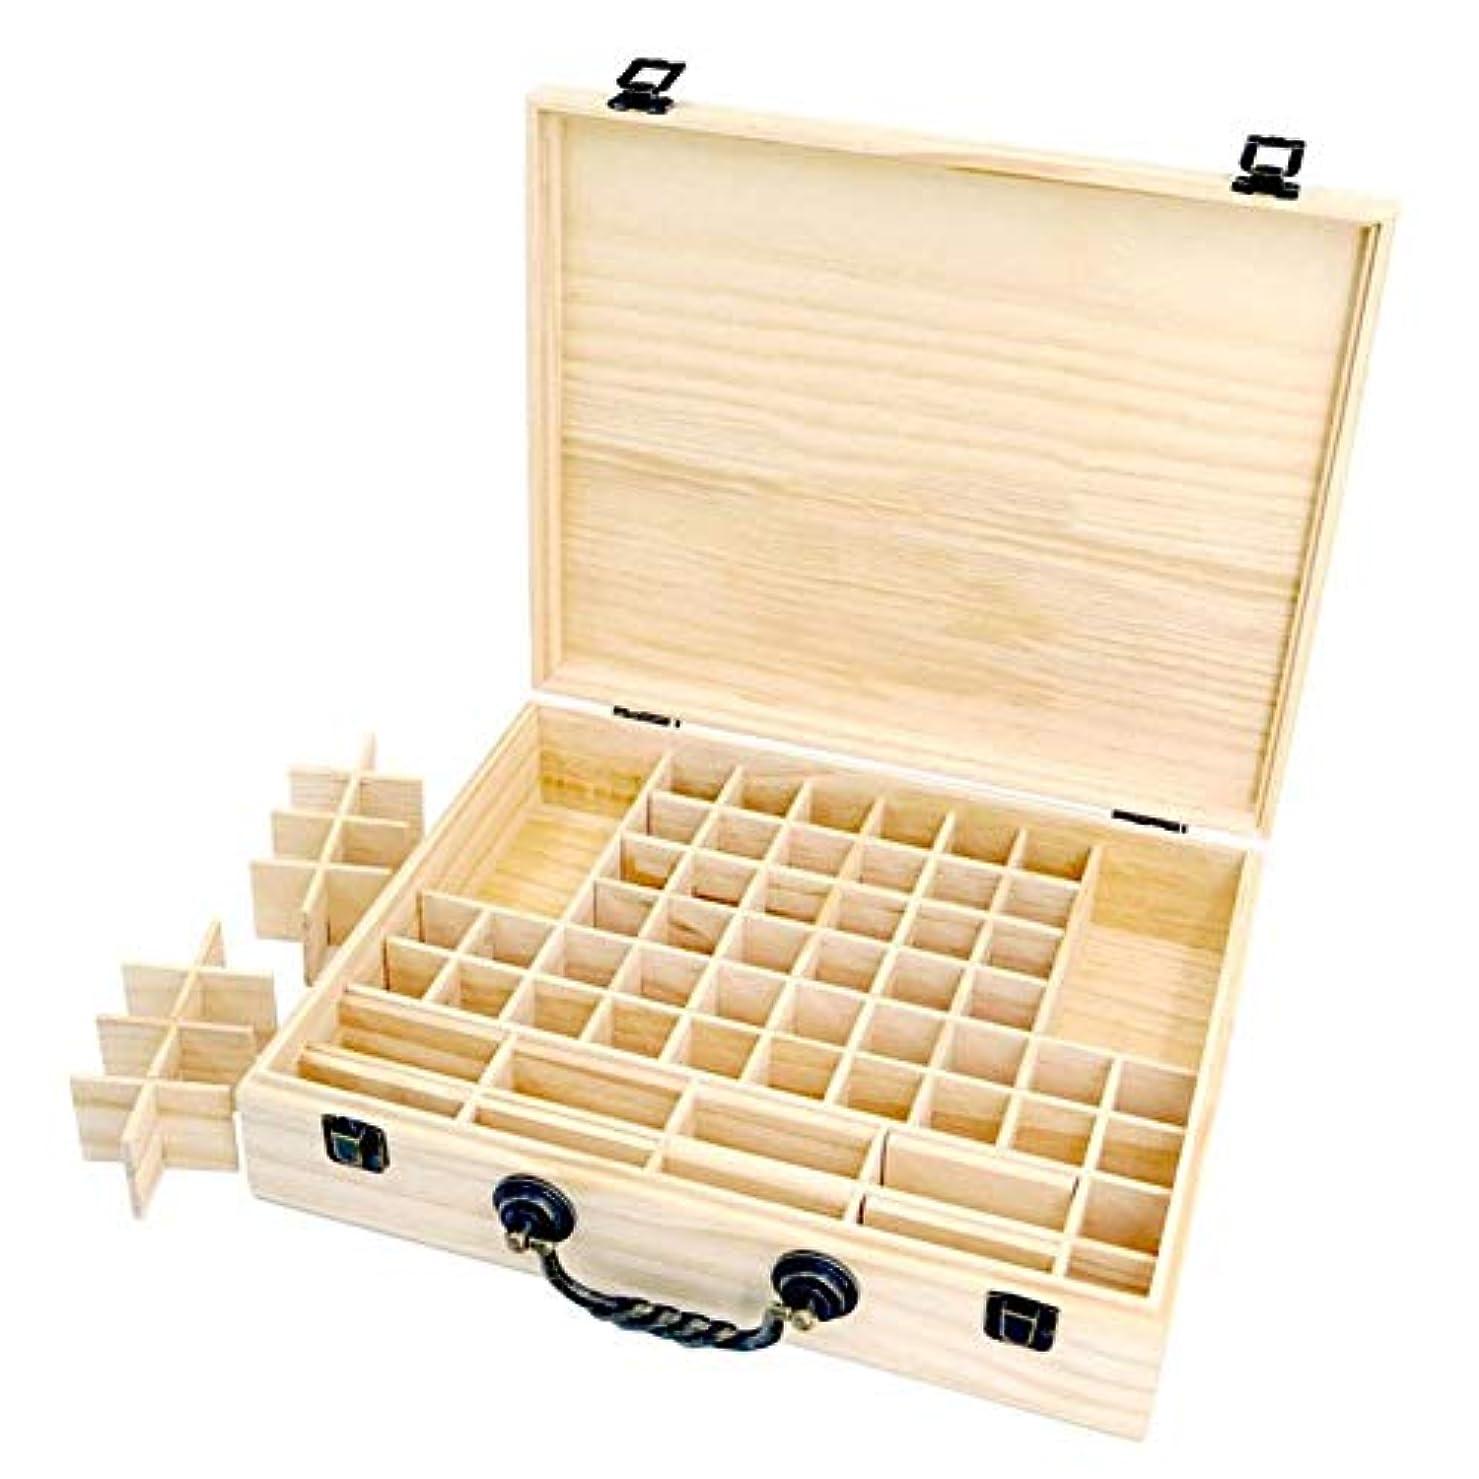 ワンダー戸棚備品エッセンシャルオイル収納ボックス 純木の精油の収納箱 香水収納ケース アロマオイル収納ボックス 70本用